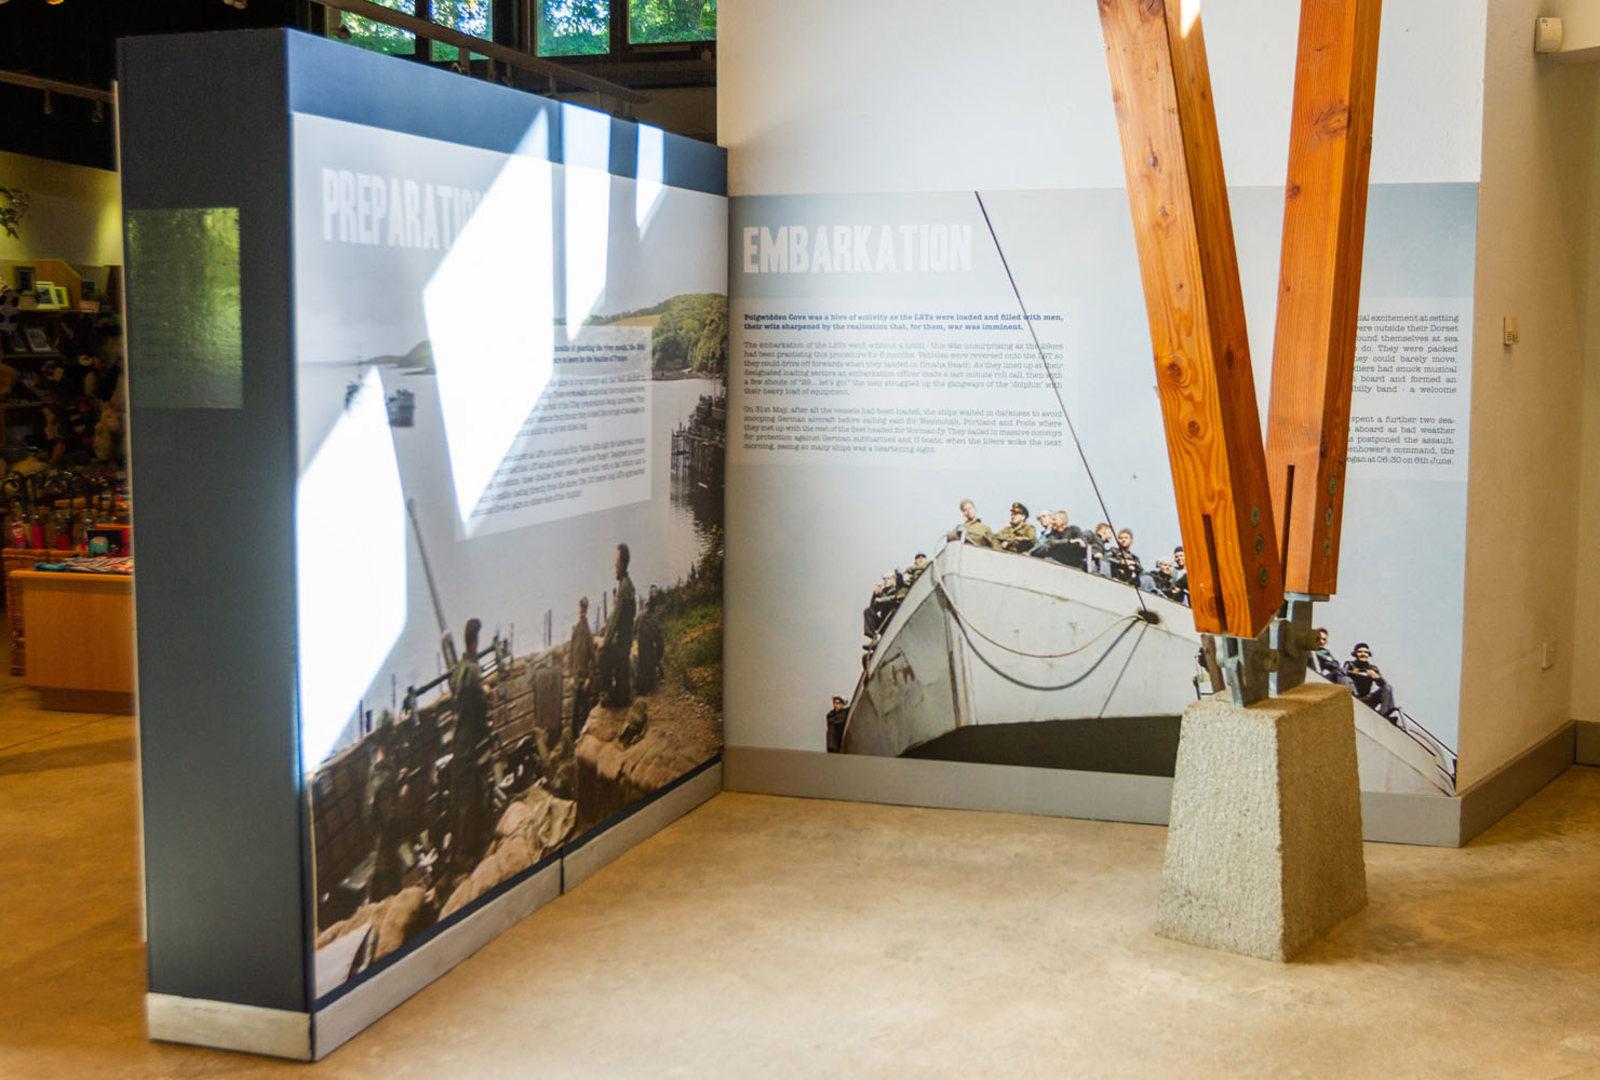 Interpretation displays at trebah